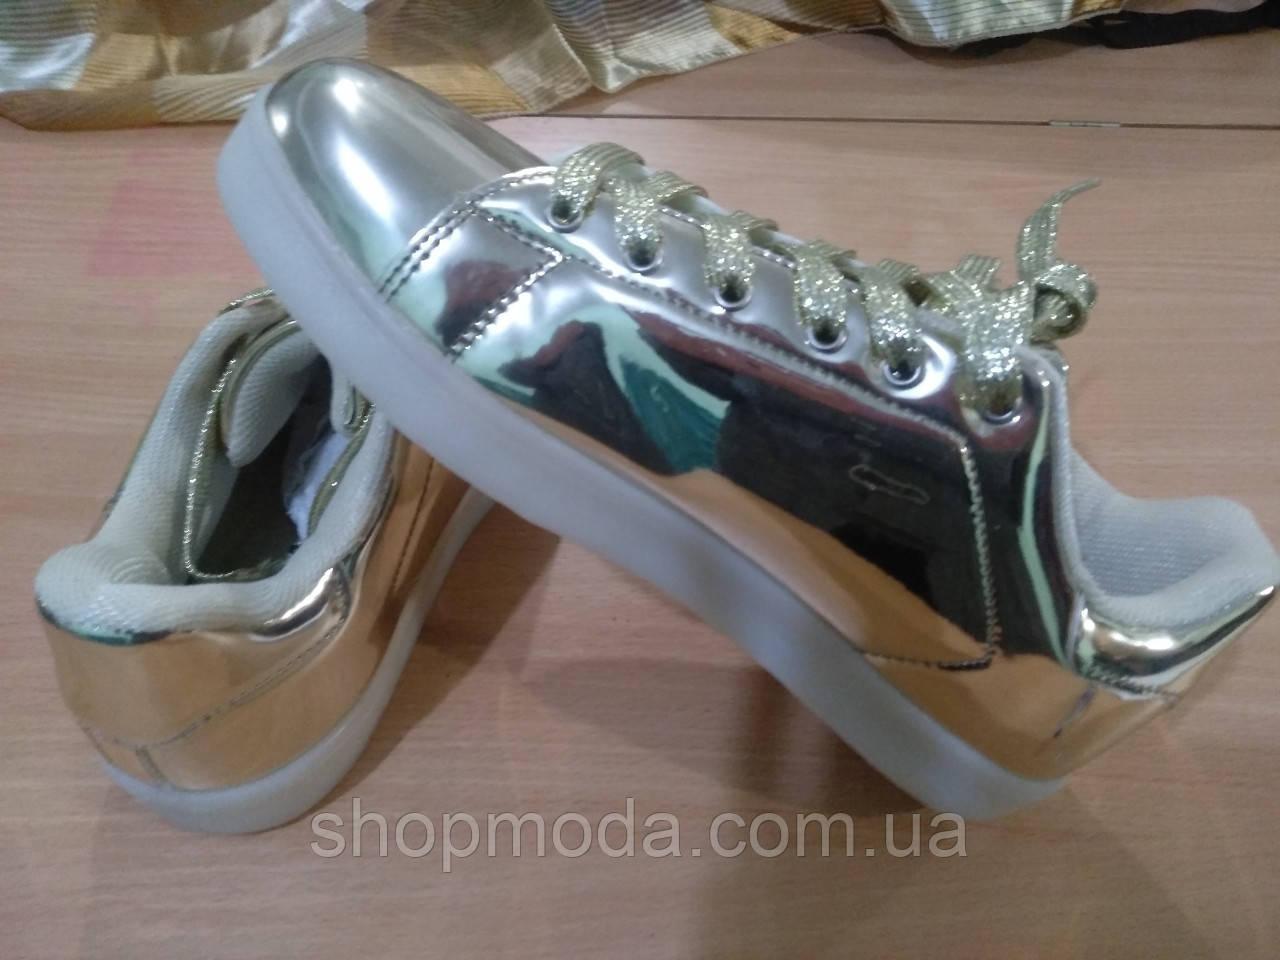 771185a9a Акция Скидка Кеды цветом золото Молодежная обувь Женская обувь - Карамелька  ShopModa- эротическое белье и